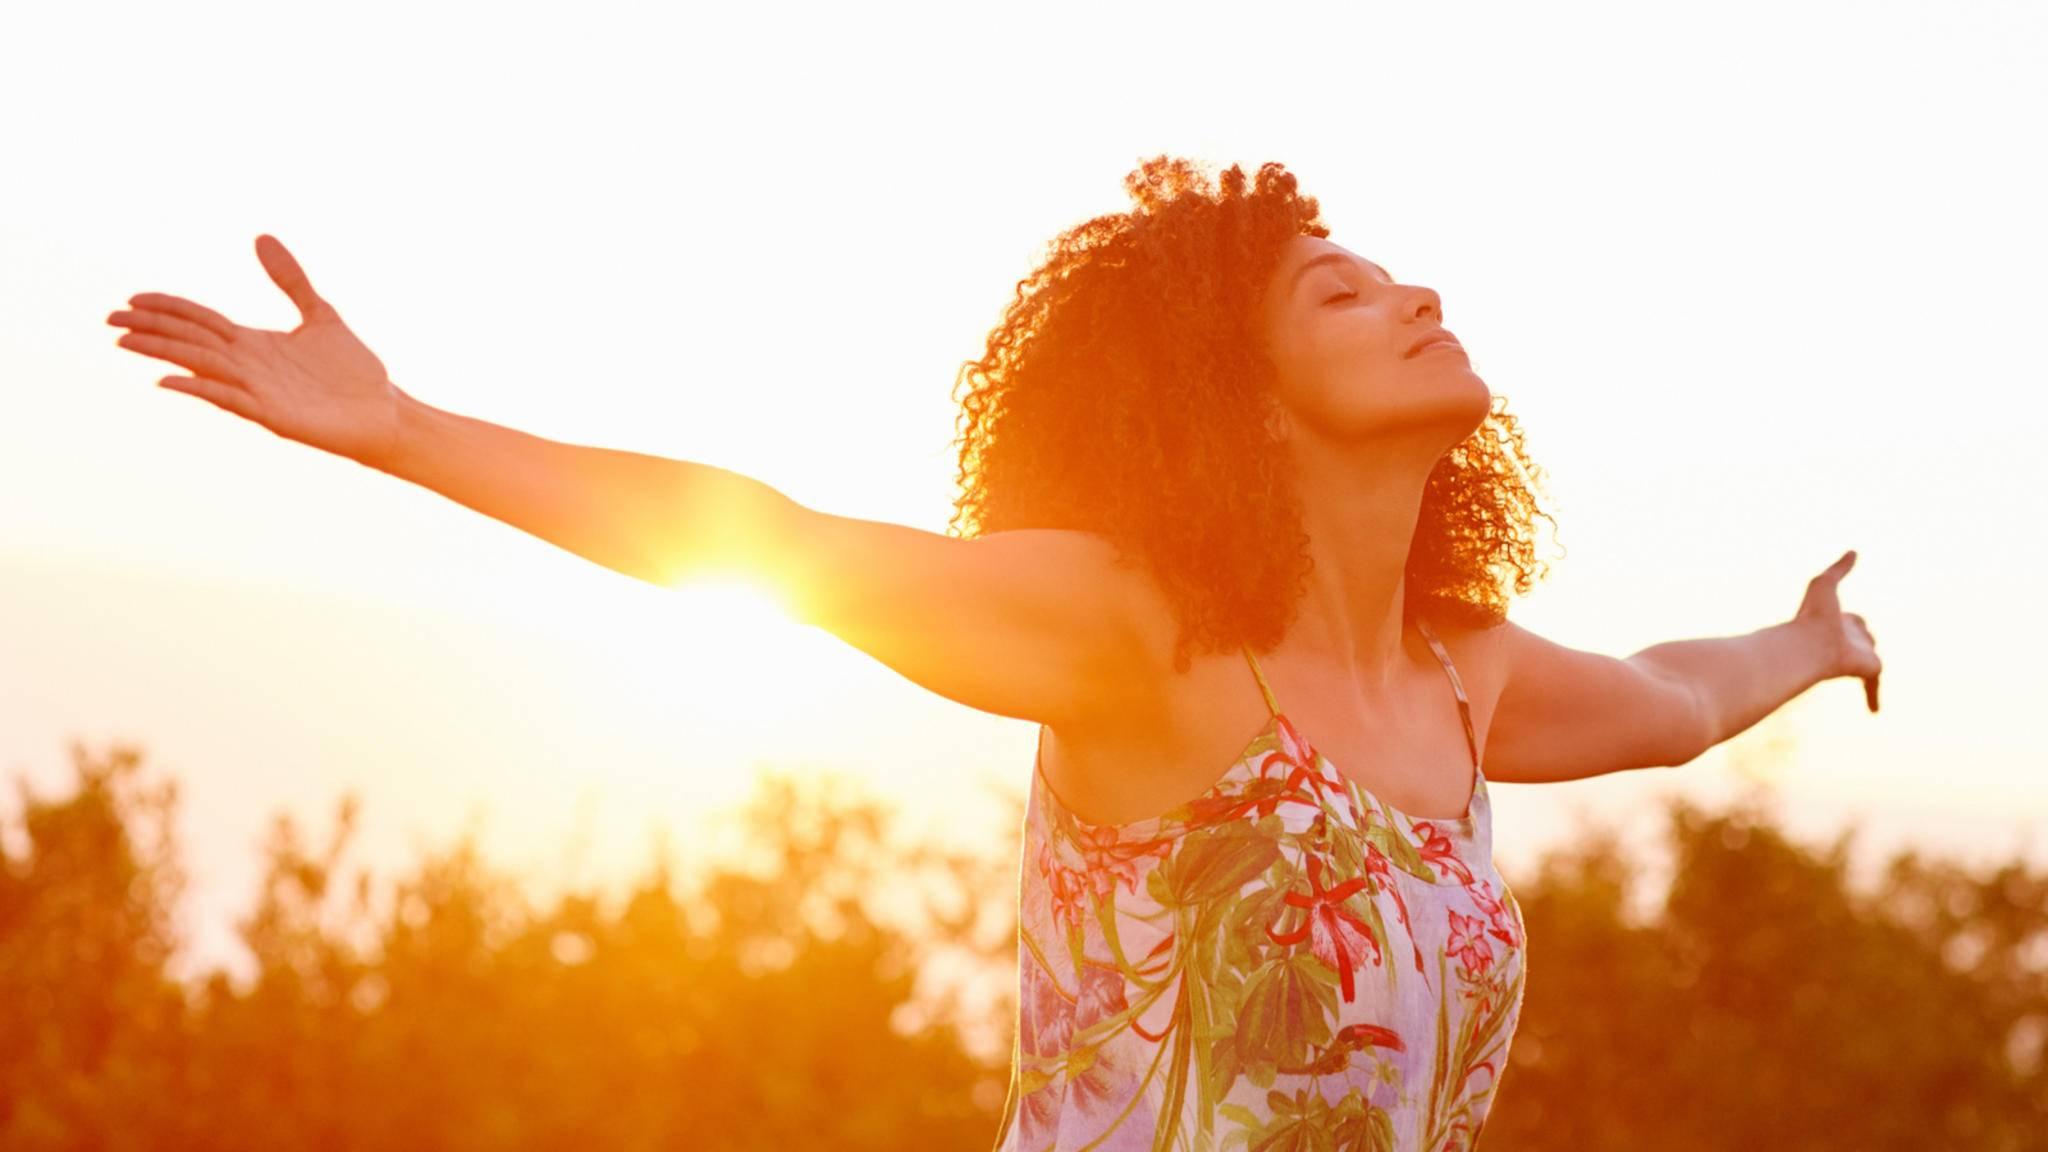 Mit unseren Tipps bleibst Du fit und hast trotz Stress mehr Zeit für die wichtigen Dinge im Leben!